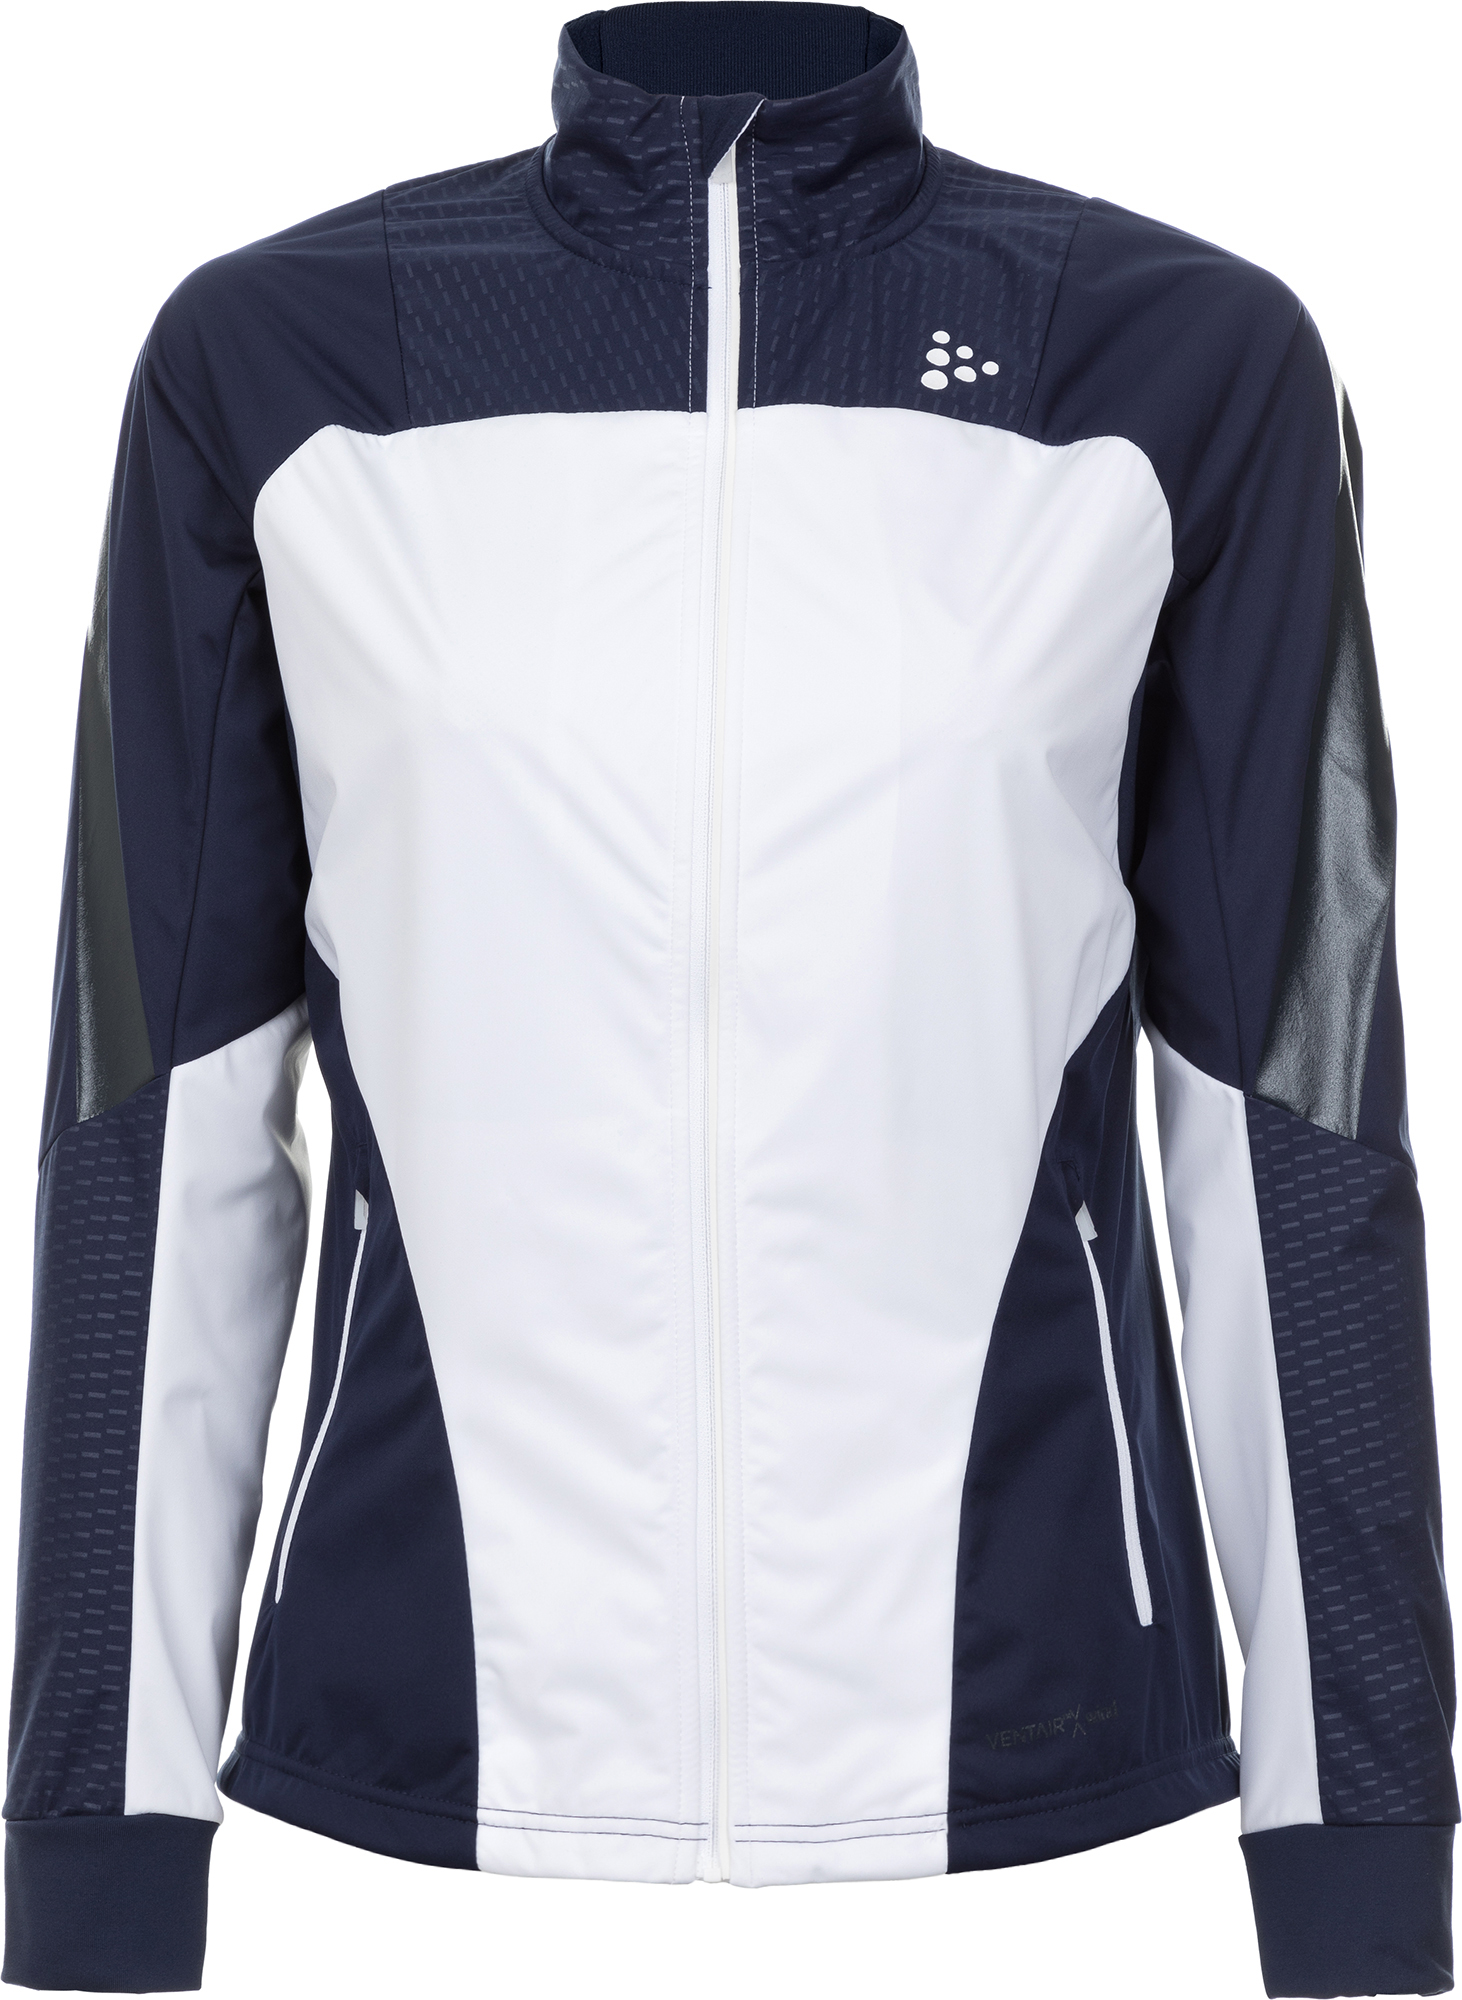 где купить Craft Куртка женская Craft Sharp, размер 48-50 дешево